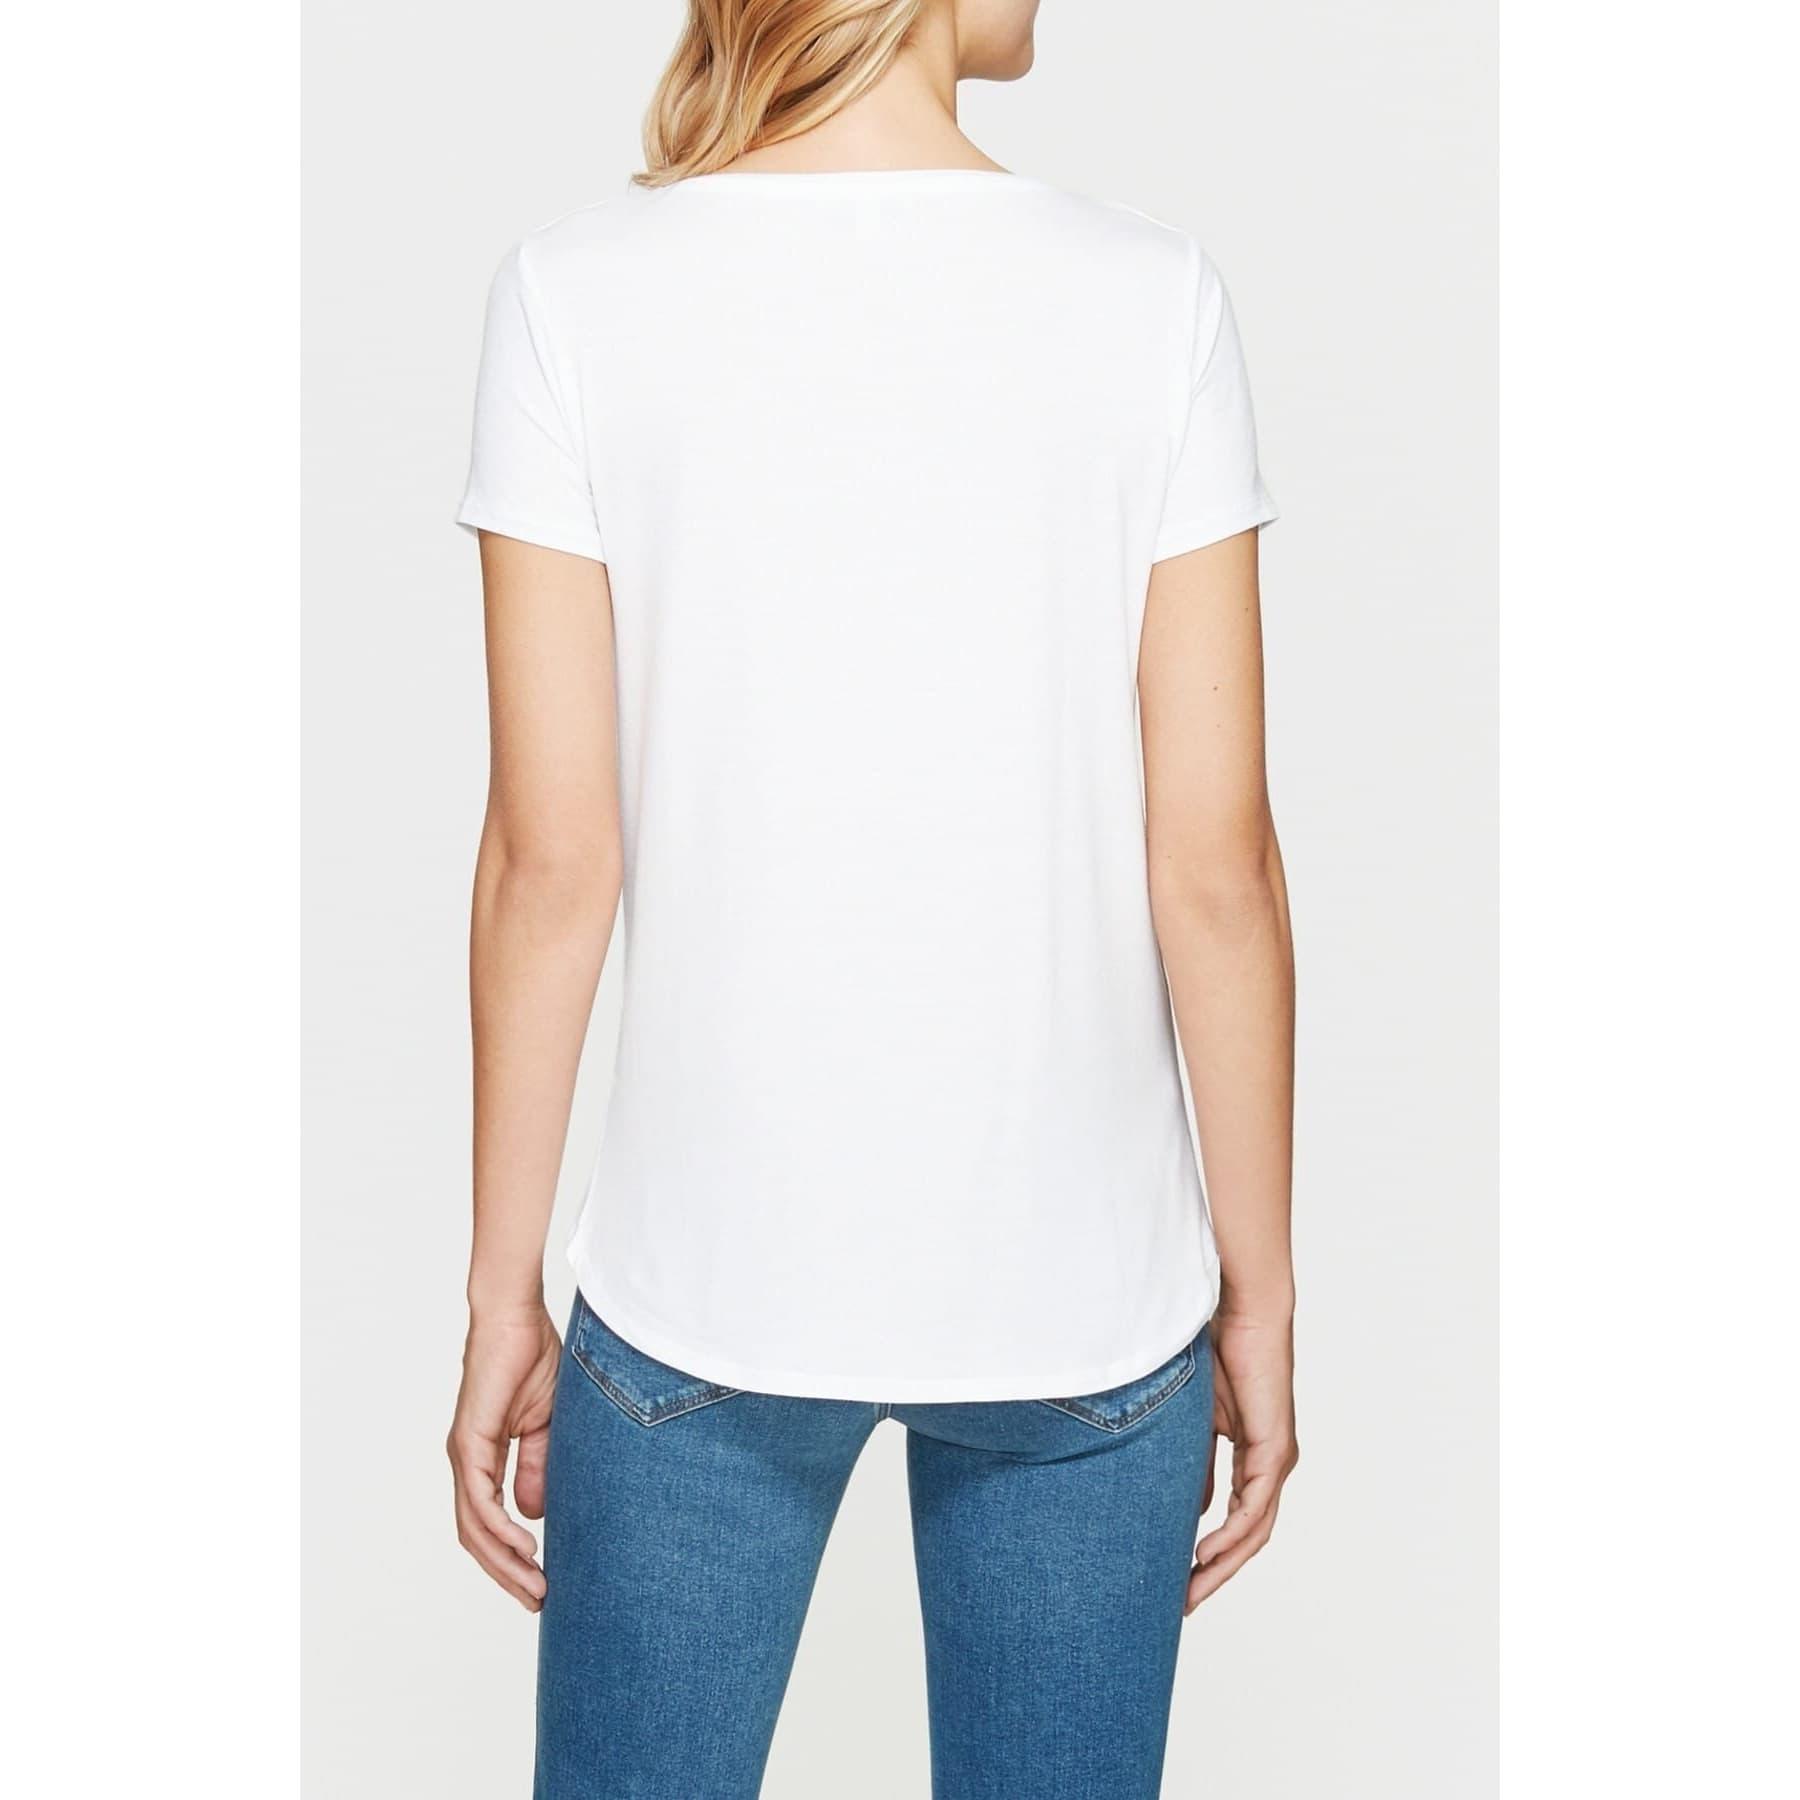 Mavi V Yaka Kadın Basic Düz Beyaz Tişört